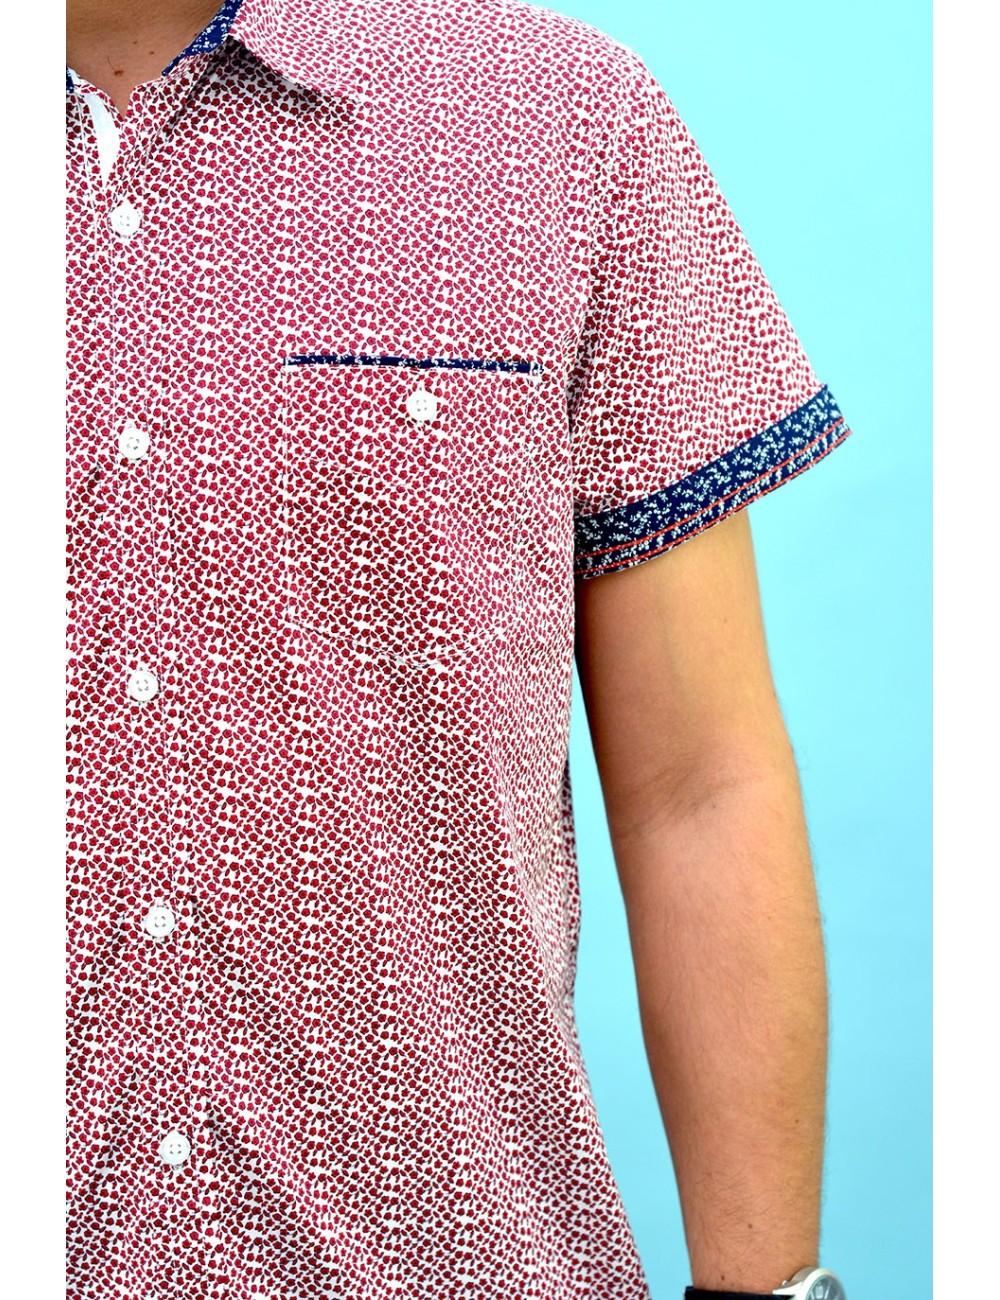 Camisa blanca con estampado floreado rojo